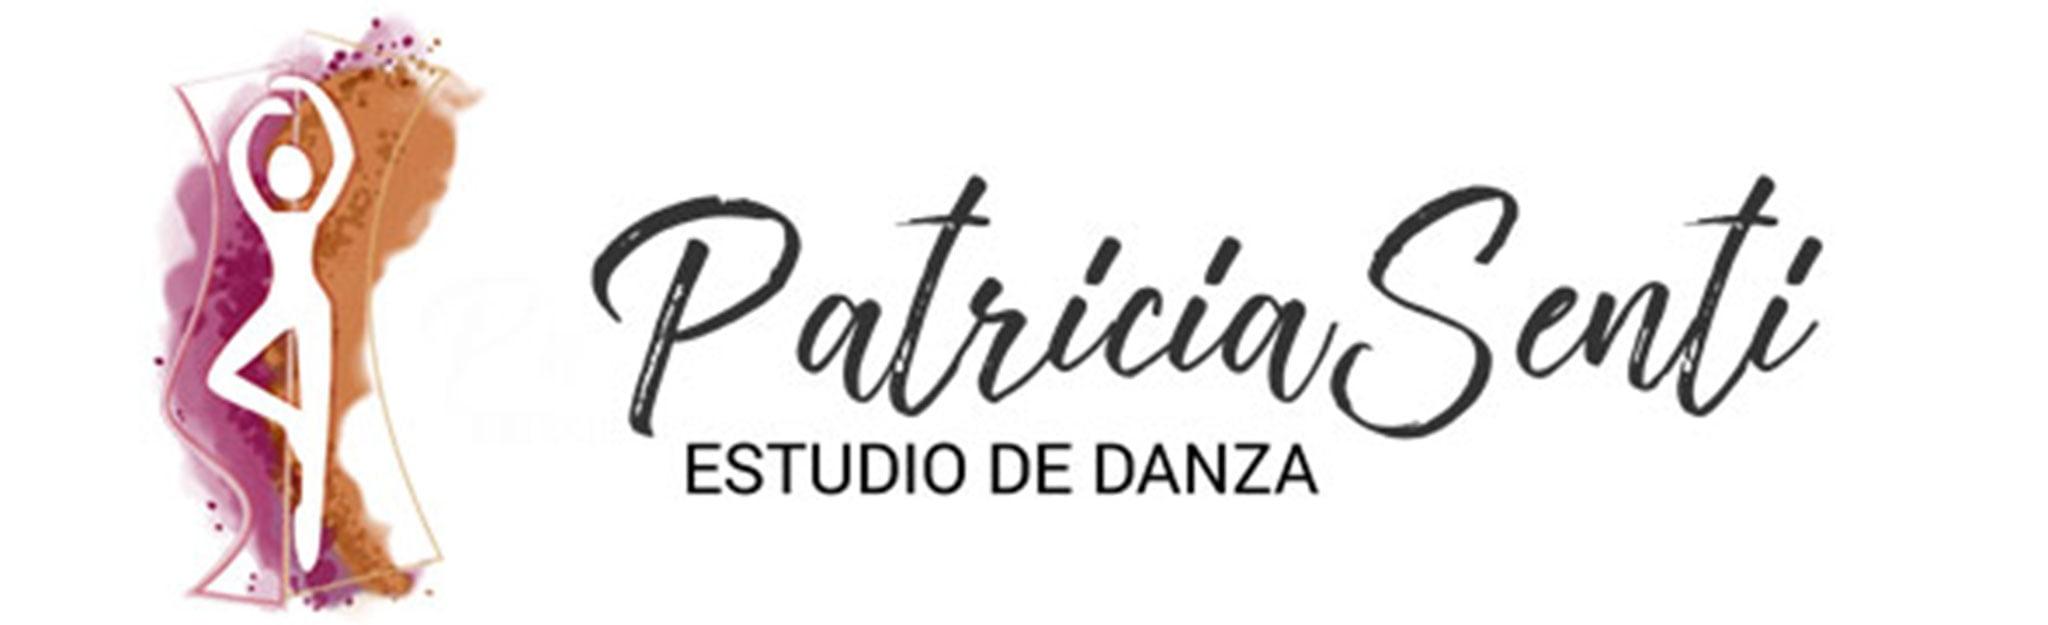 Logotipo de Estudio de Danza Patricia Sentí